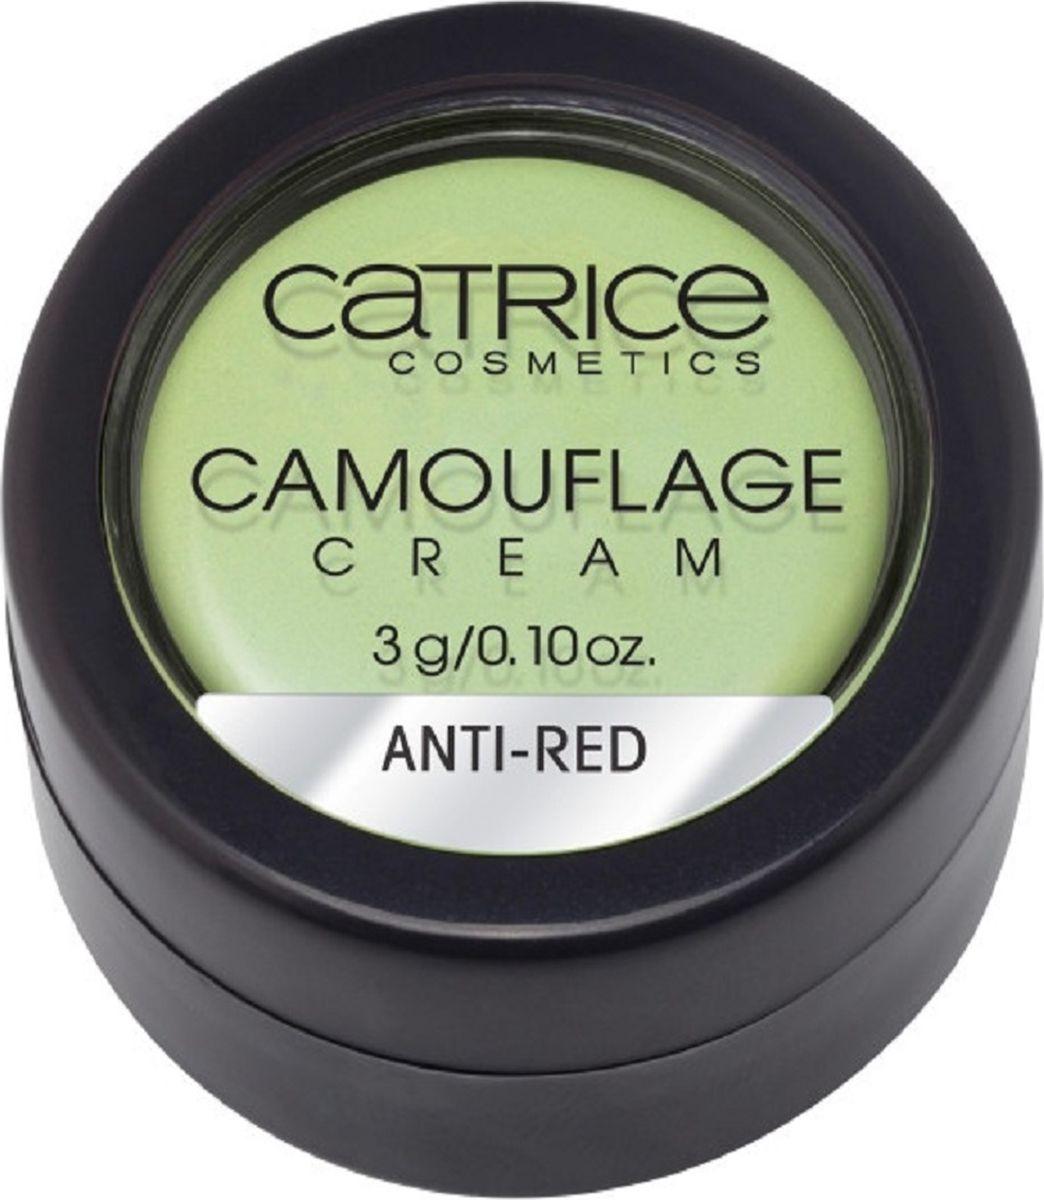 Catrice Консилер Camouflage Cream Anti-Red, 3 г759846Матовый корректор Camouflage Cream нейтрализует и перекрывает любые совершенства кожи. Стойкая текстура и непревзойденные маскирующие свойства в сочетании с мягкой, легко поддающейся растушевке кремовой текстурой, гарантируют безупречный результат: идеально ровный тон кожи без видимых недостатков.